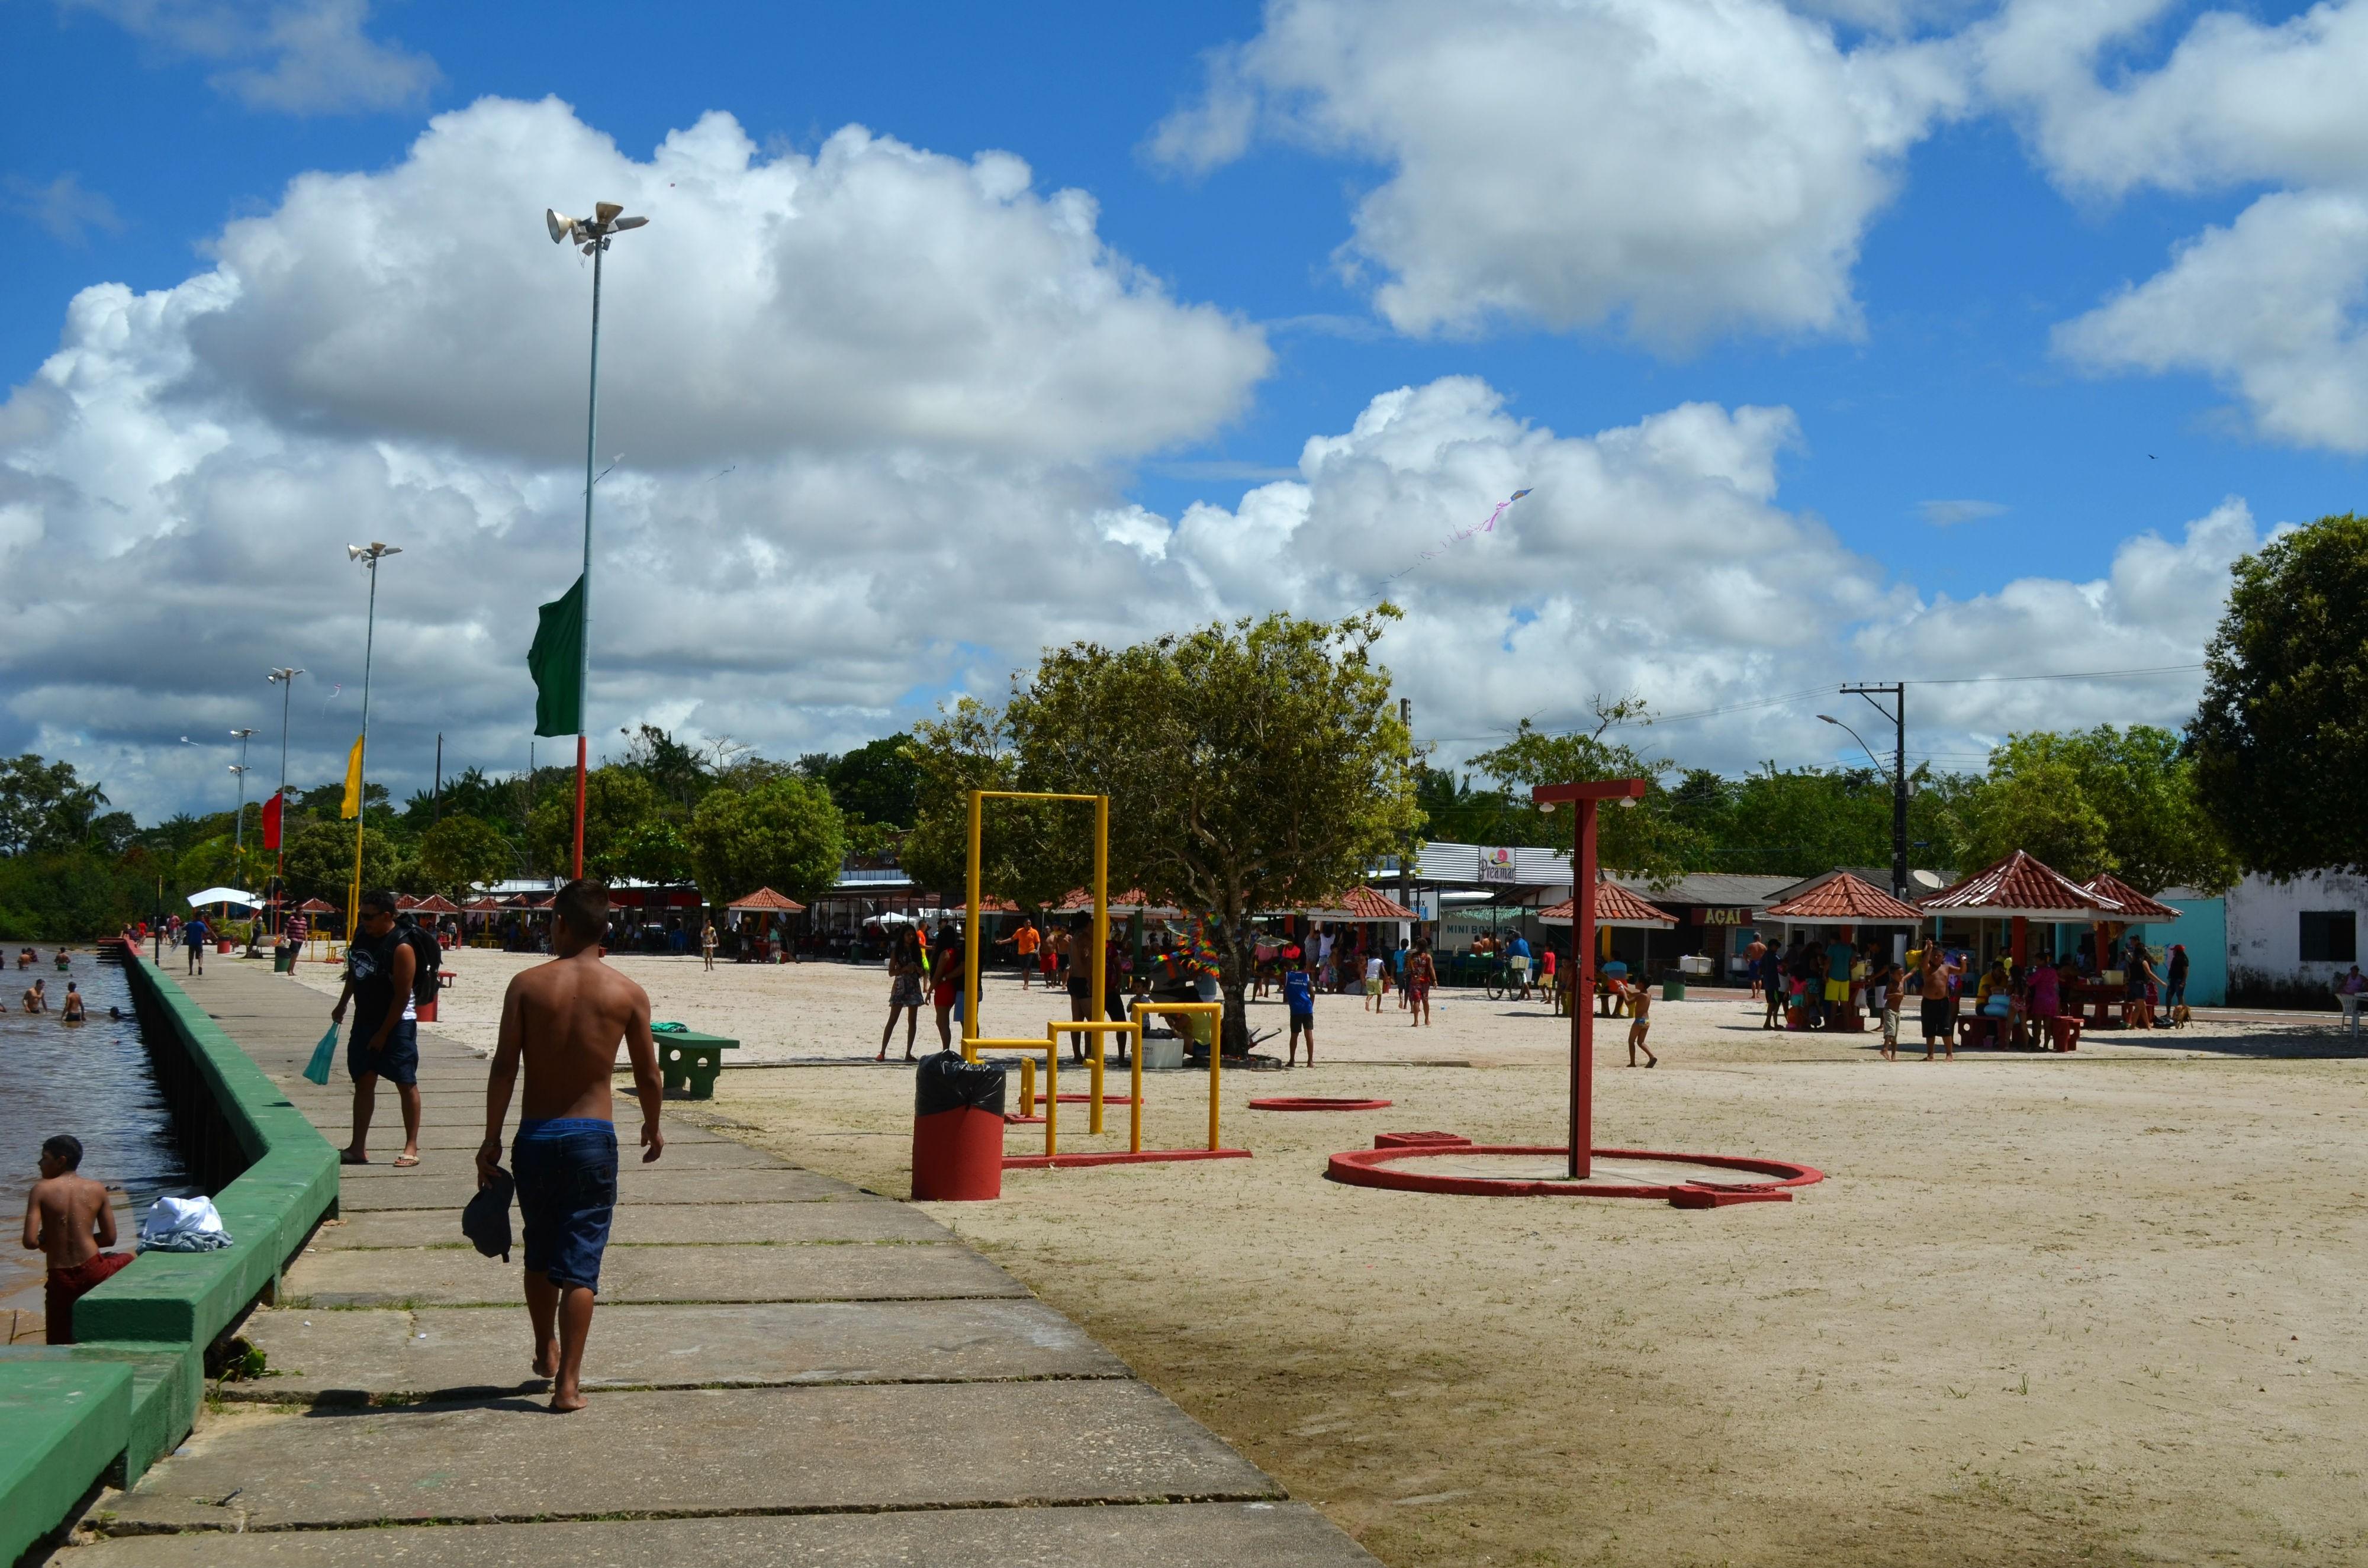 Sensação térmica pode chegar a 41°C em julho no Amapá, diz meteorologista